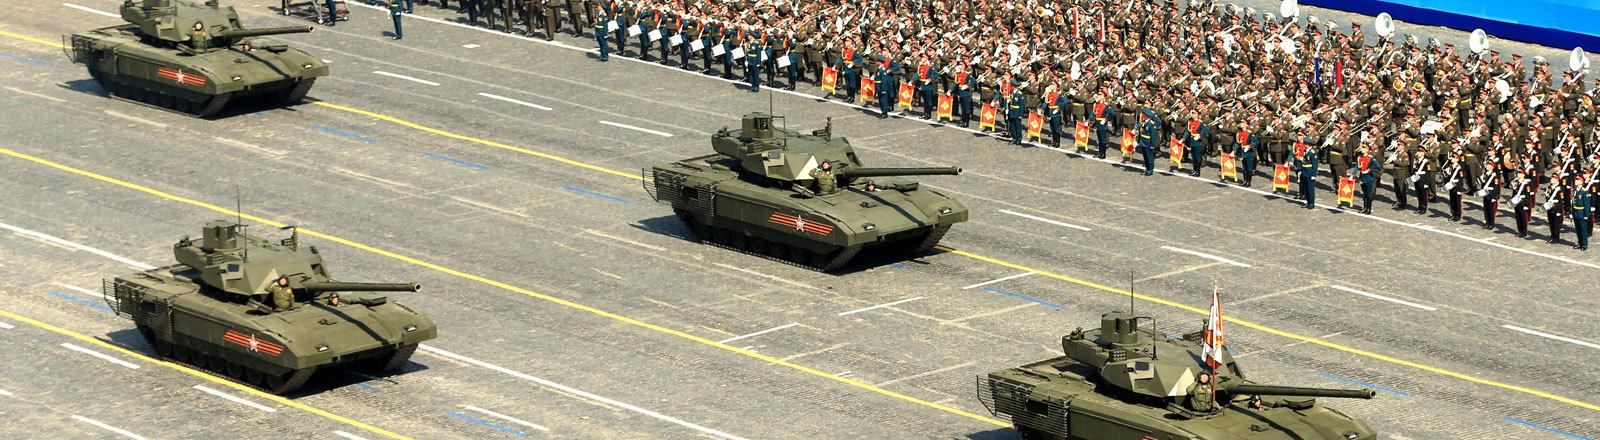 In Russland fahren bei einer Militärparade Panzer über die Straße.